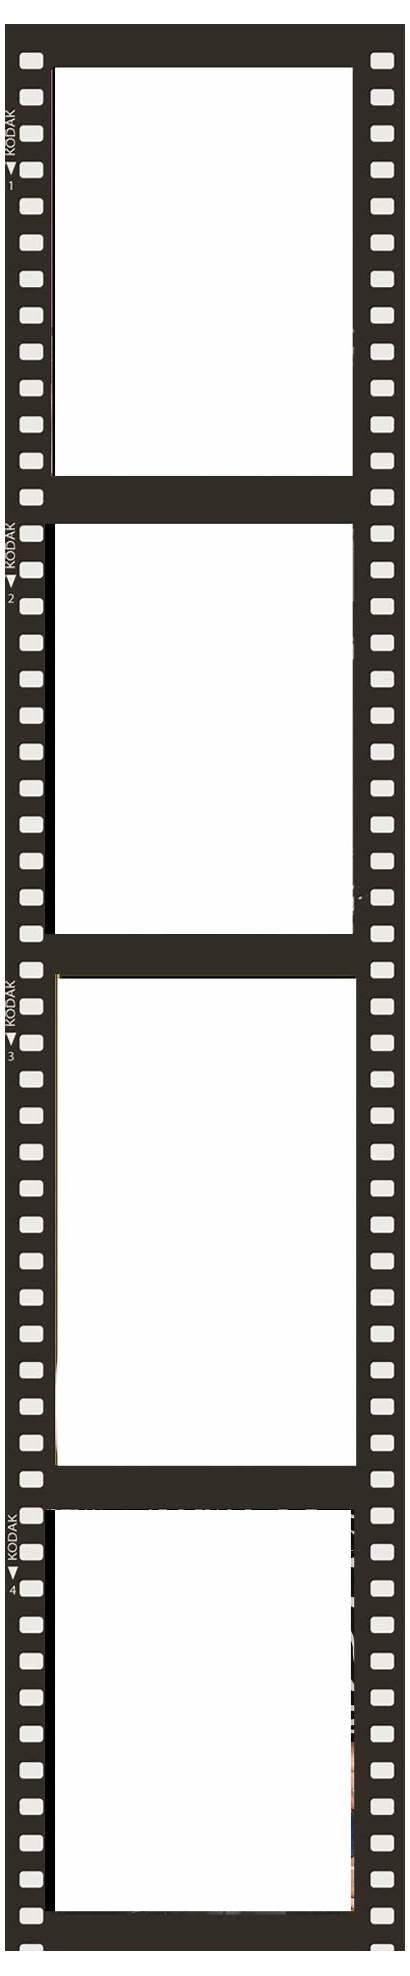 Filmstrip Transparent Clipart Transparentpng